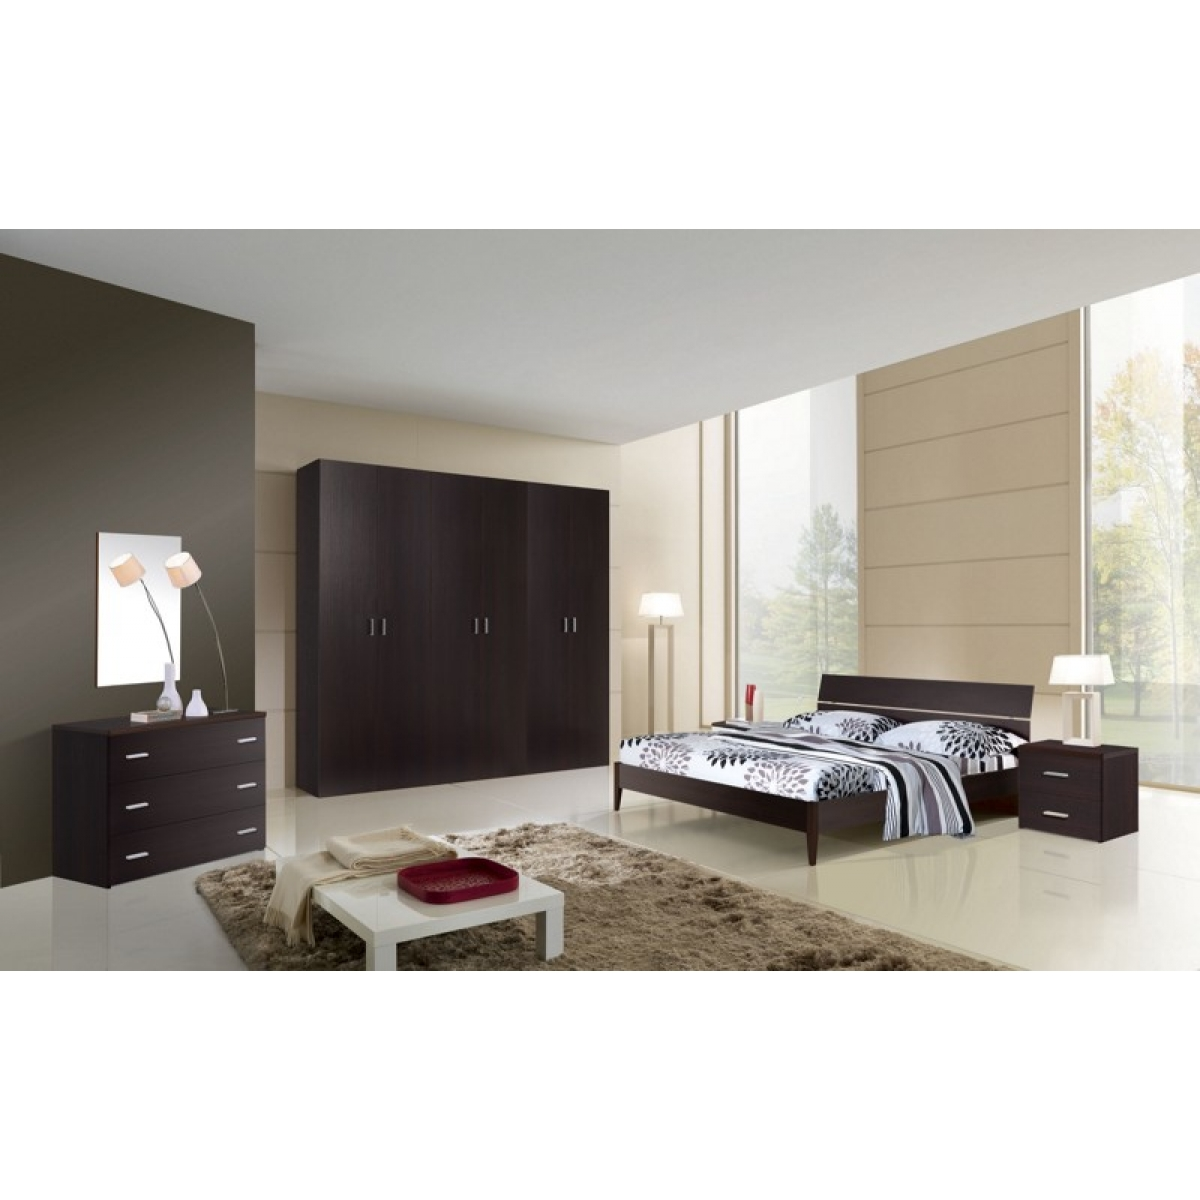 216 camera da letto completa moderna - Camera da letto a ponte moderna ...